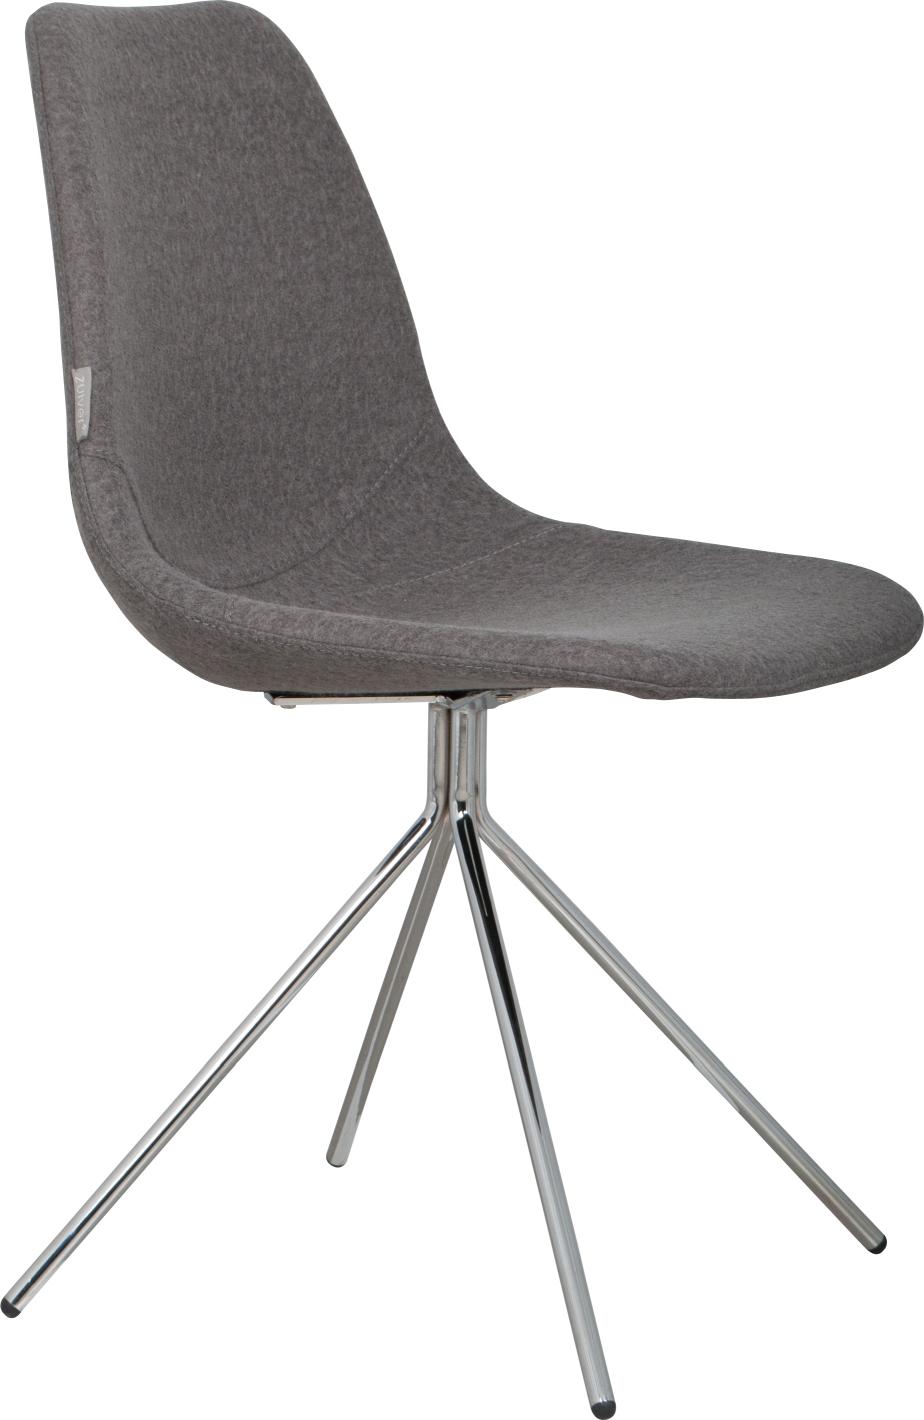 Eettafel stoelen grijs kopen?  Online Internetwinkel